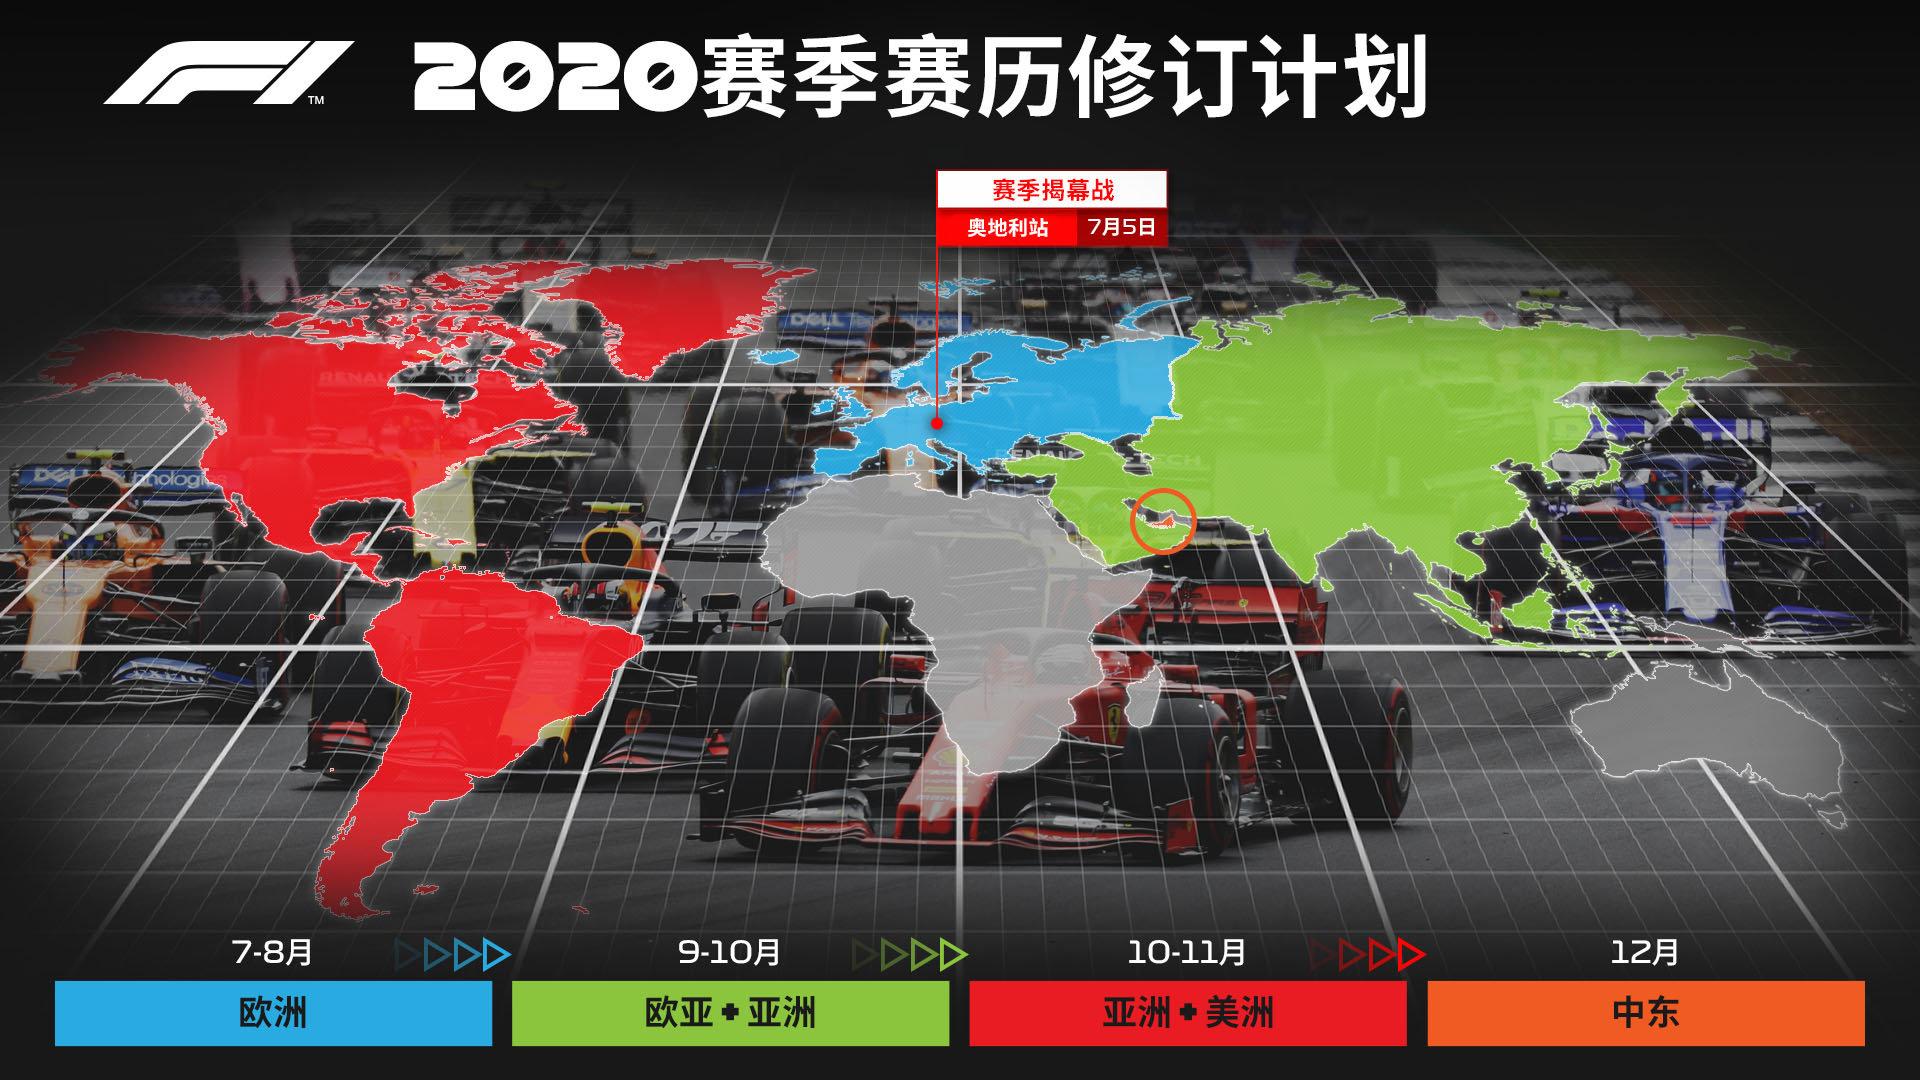 「摩天测速」F1官宣法摩天测速国大奖赛图片